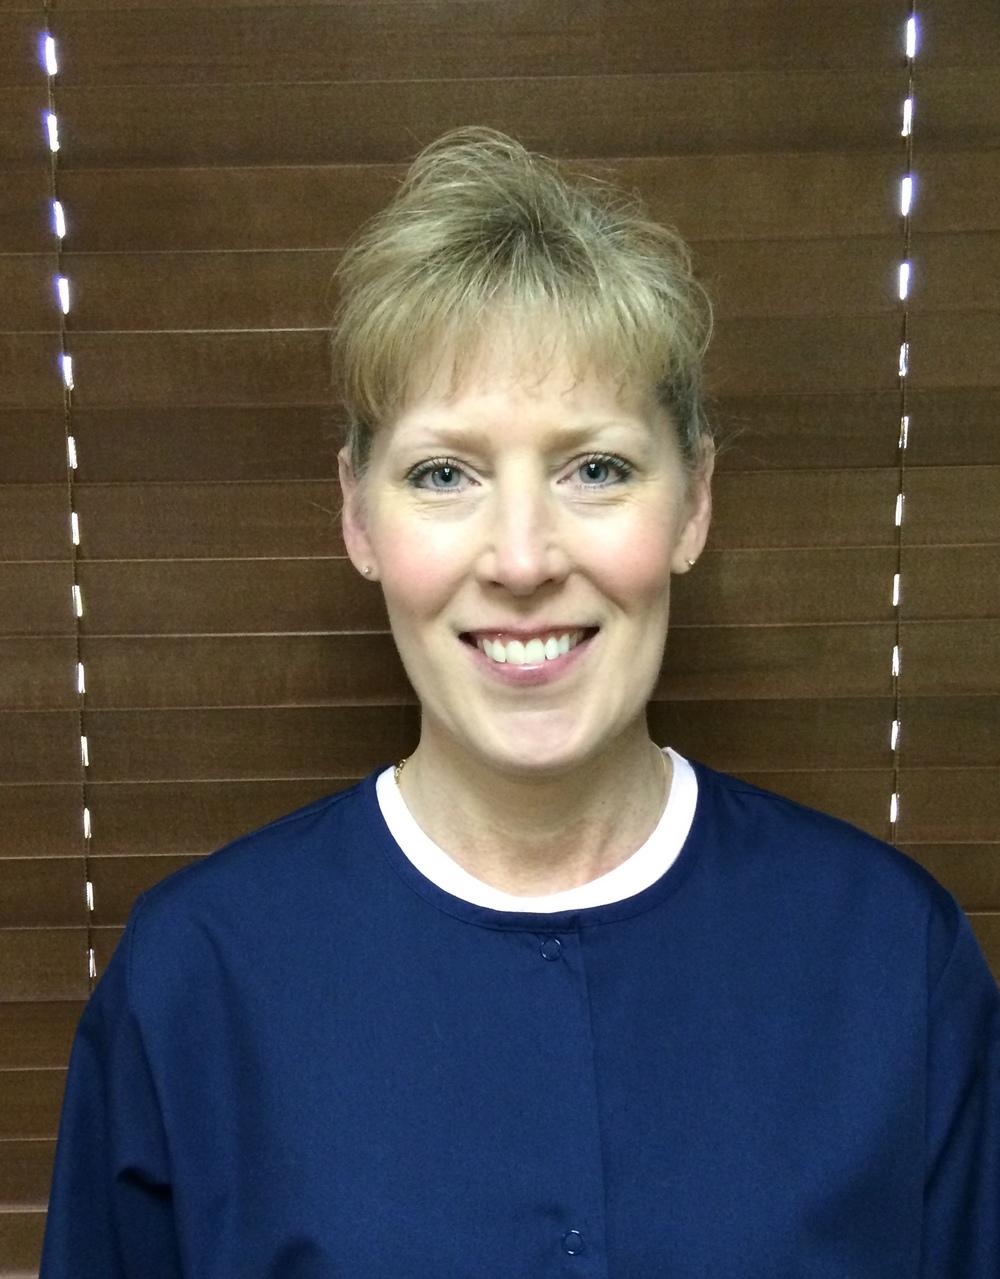 Debbie is a registered dental hygienist at Robert Wiggins DDS.